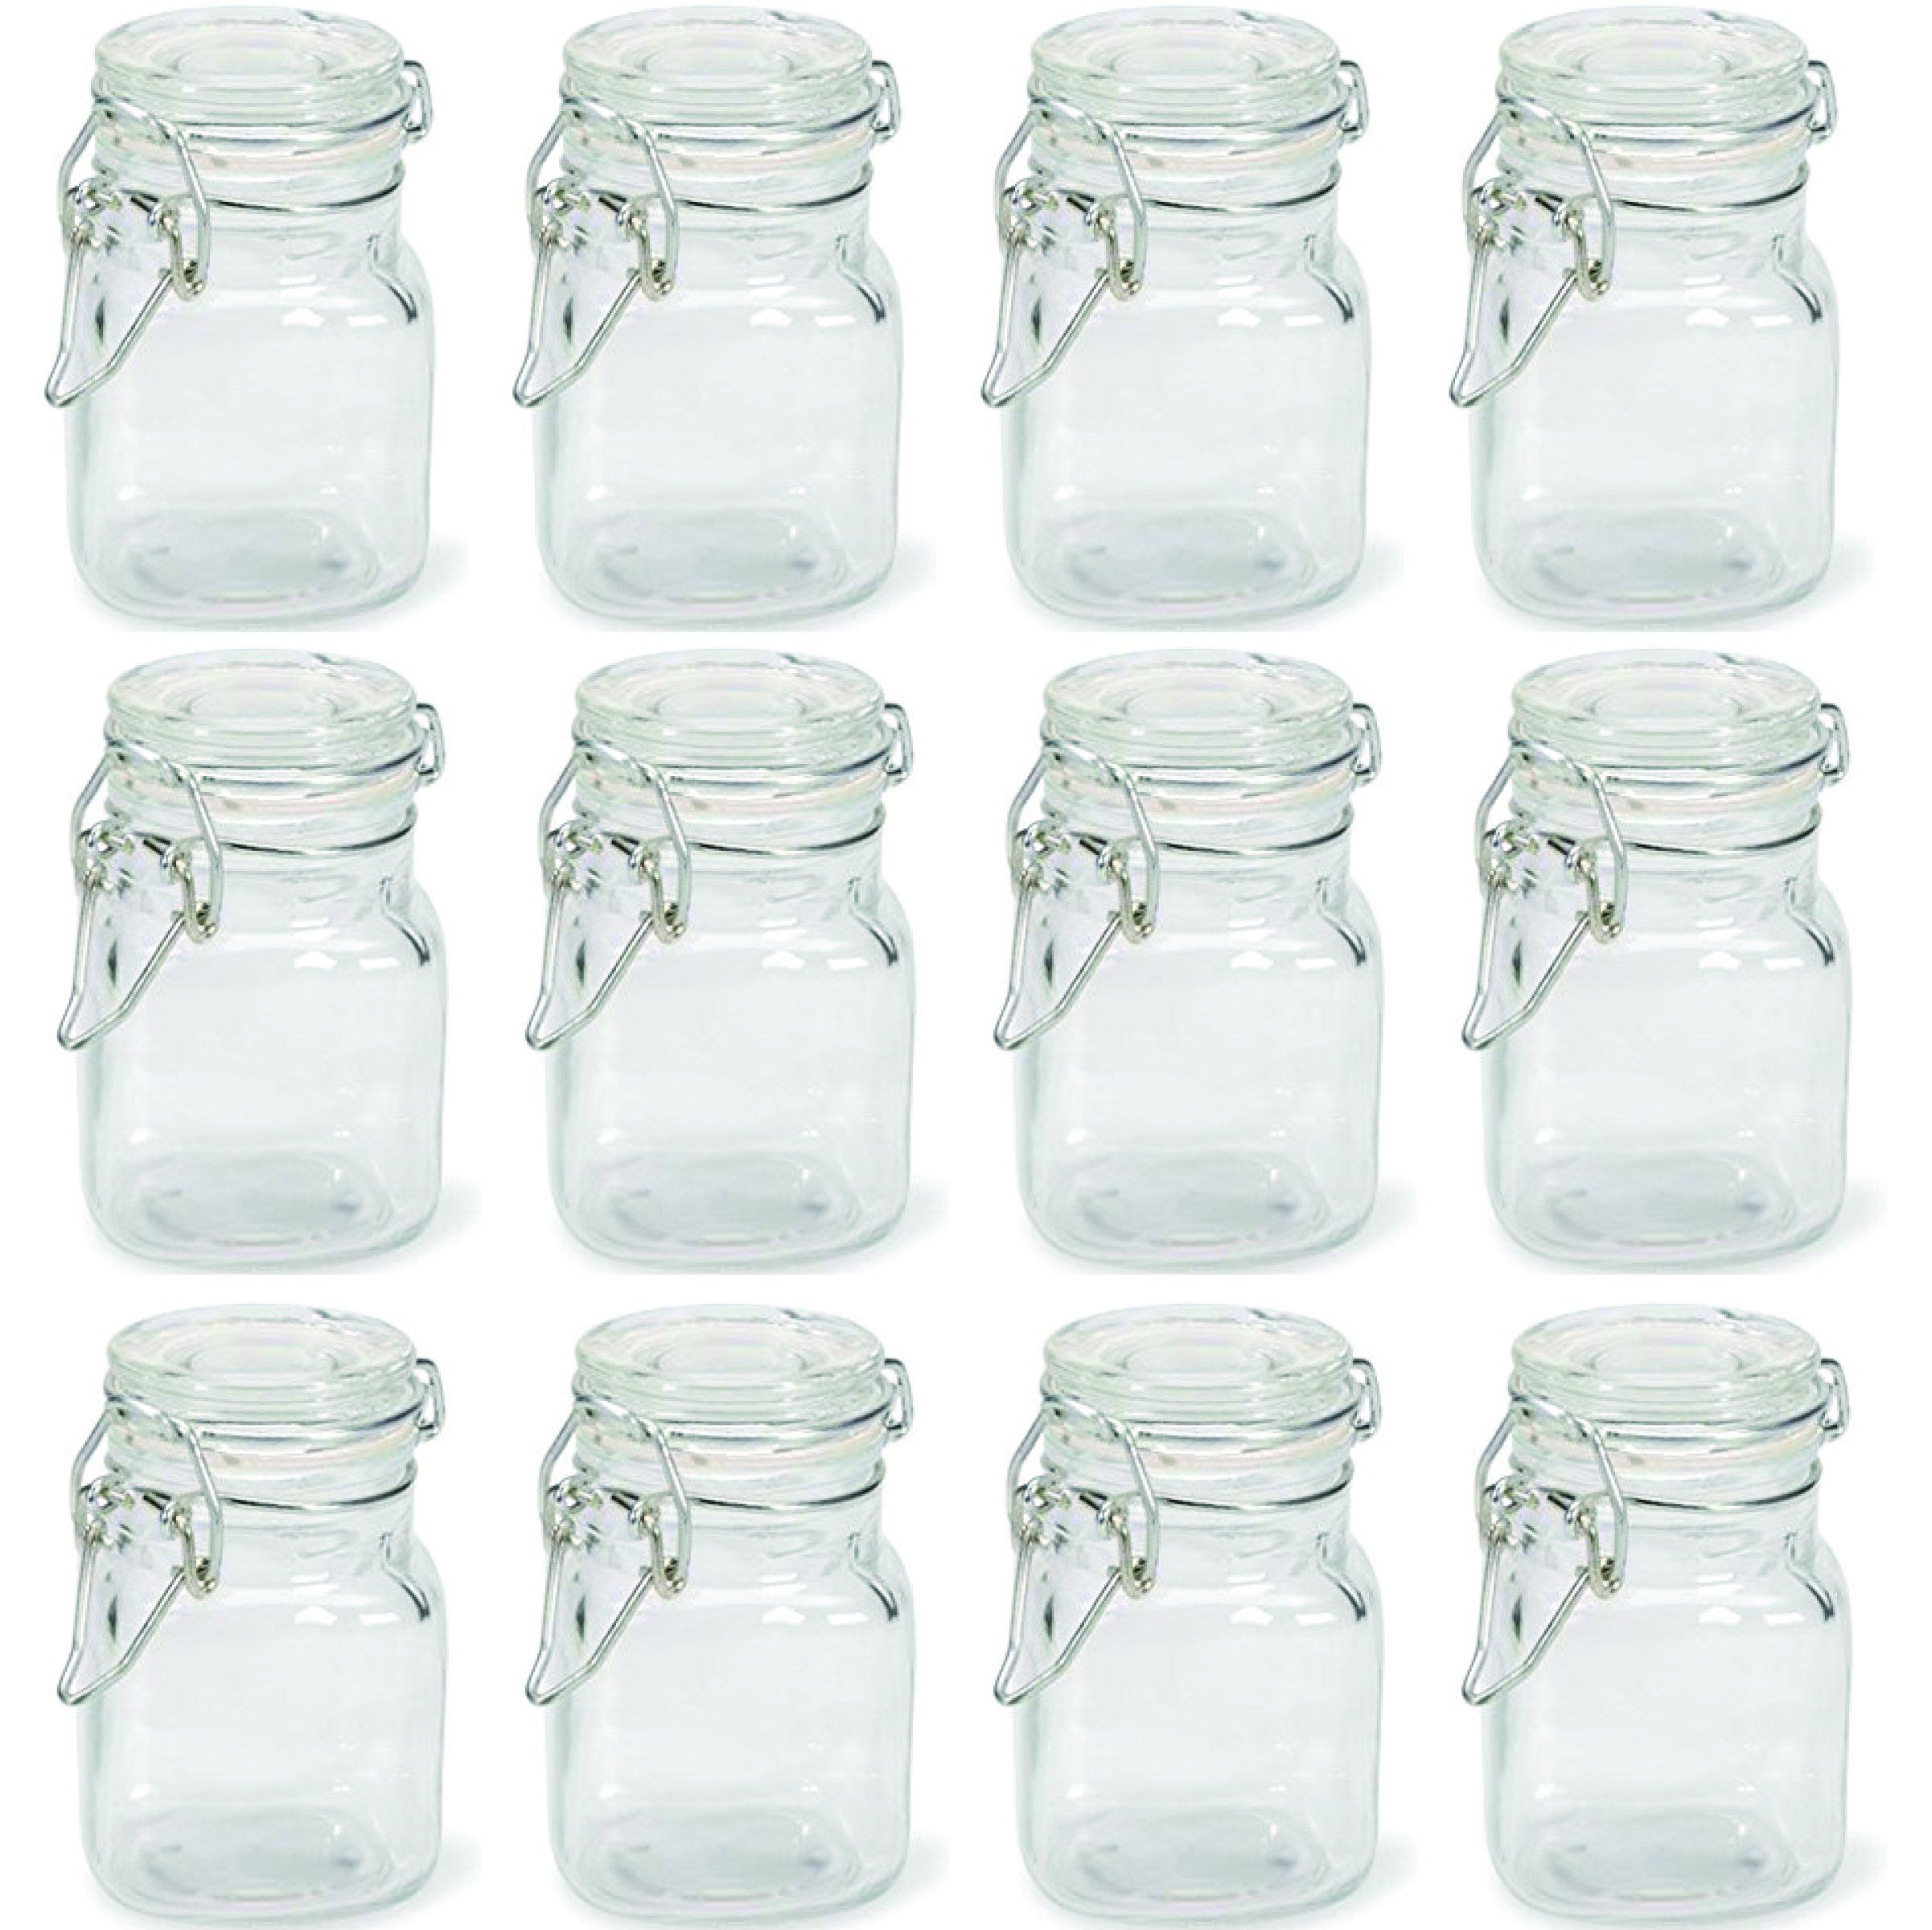 58588ae02c48 Cheap Square Airtight Jar, find Square Airtight Jar deals on line at ...